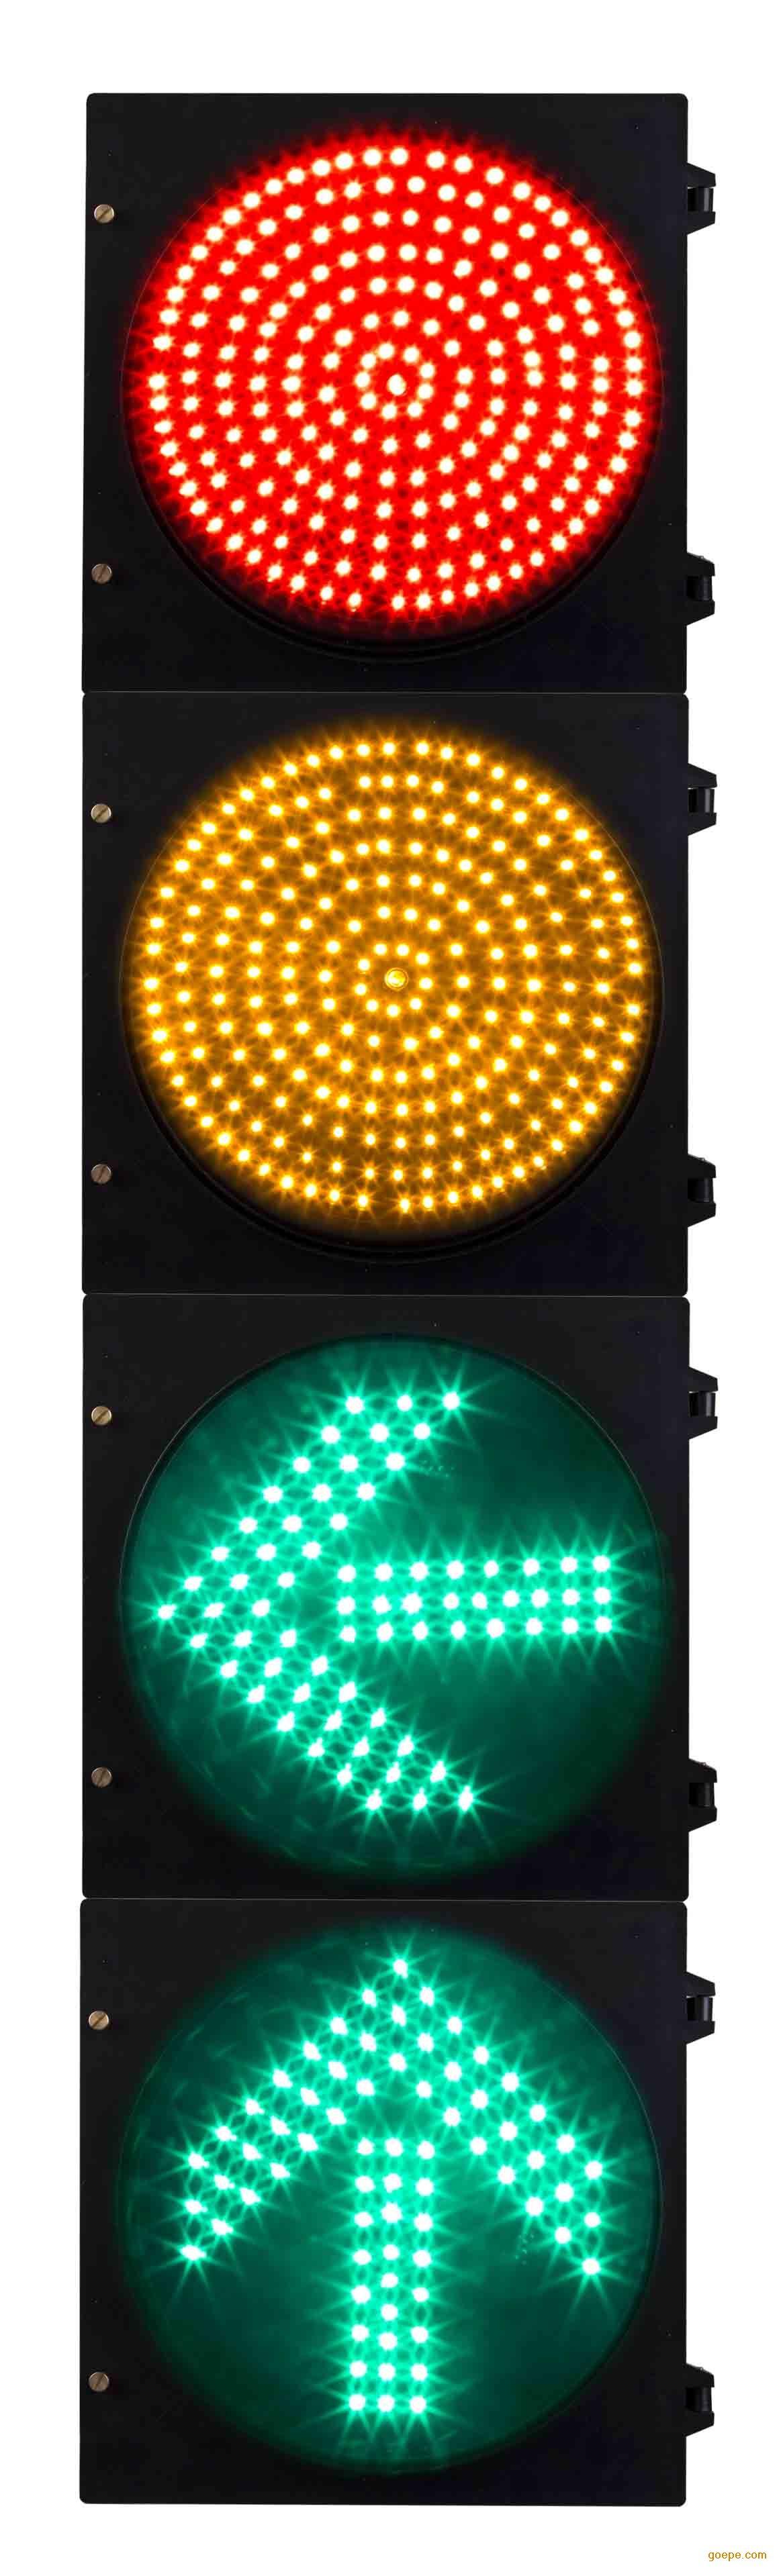 供应各种led交通信号灯自主专利ce等国际认证